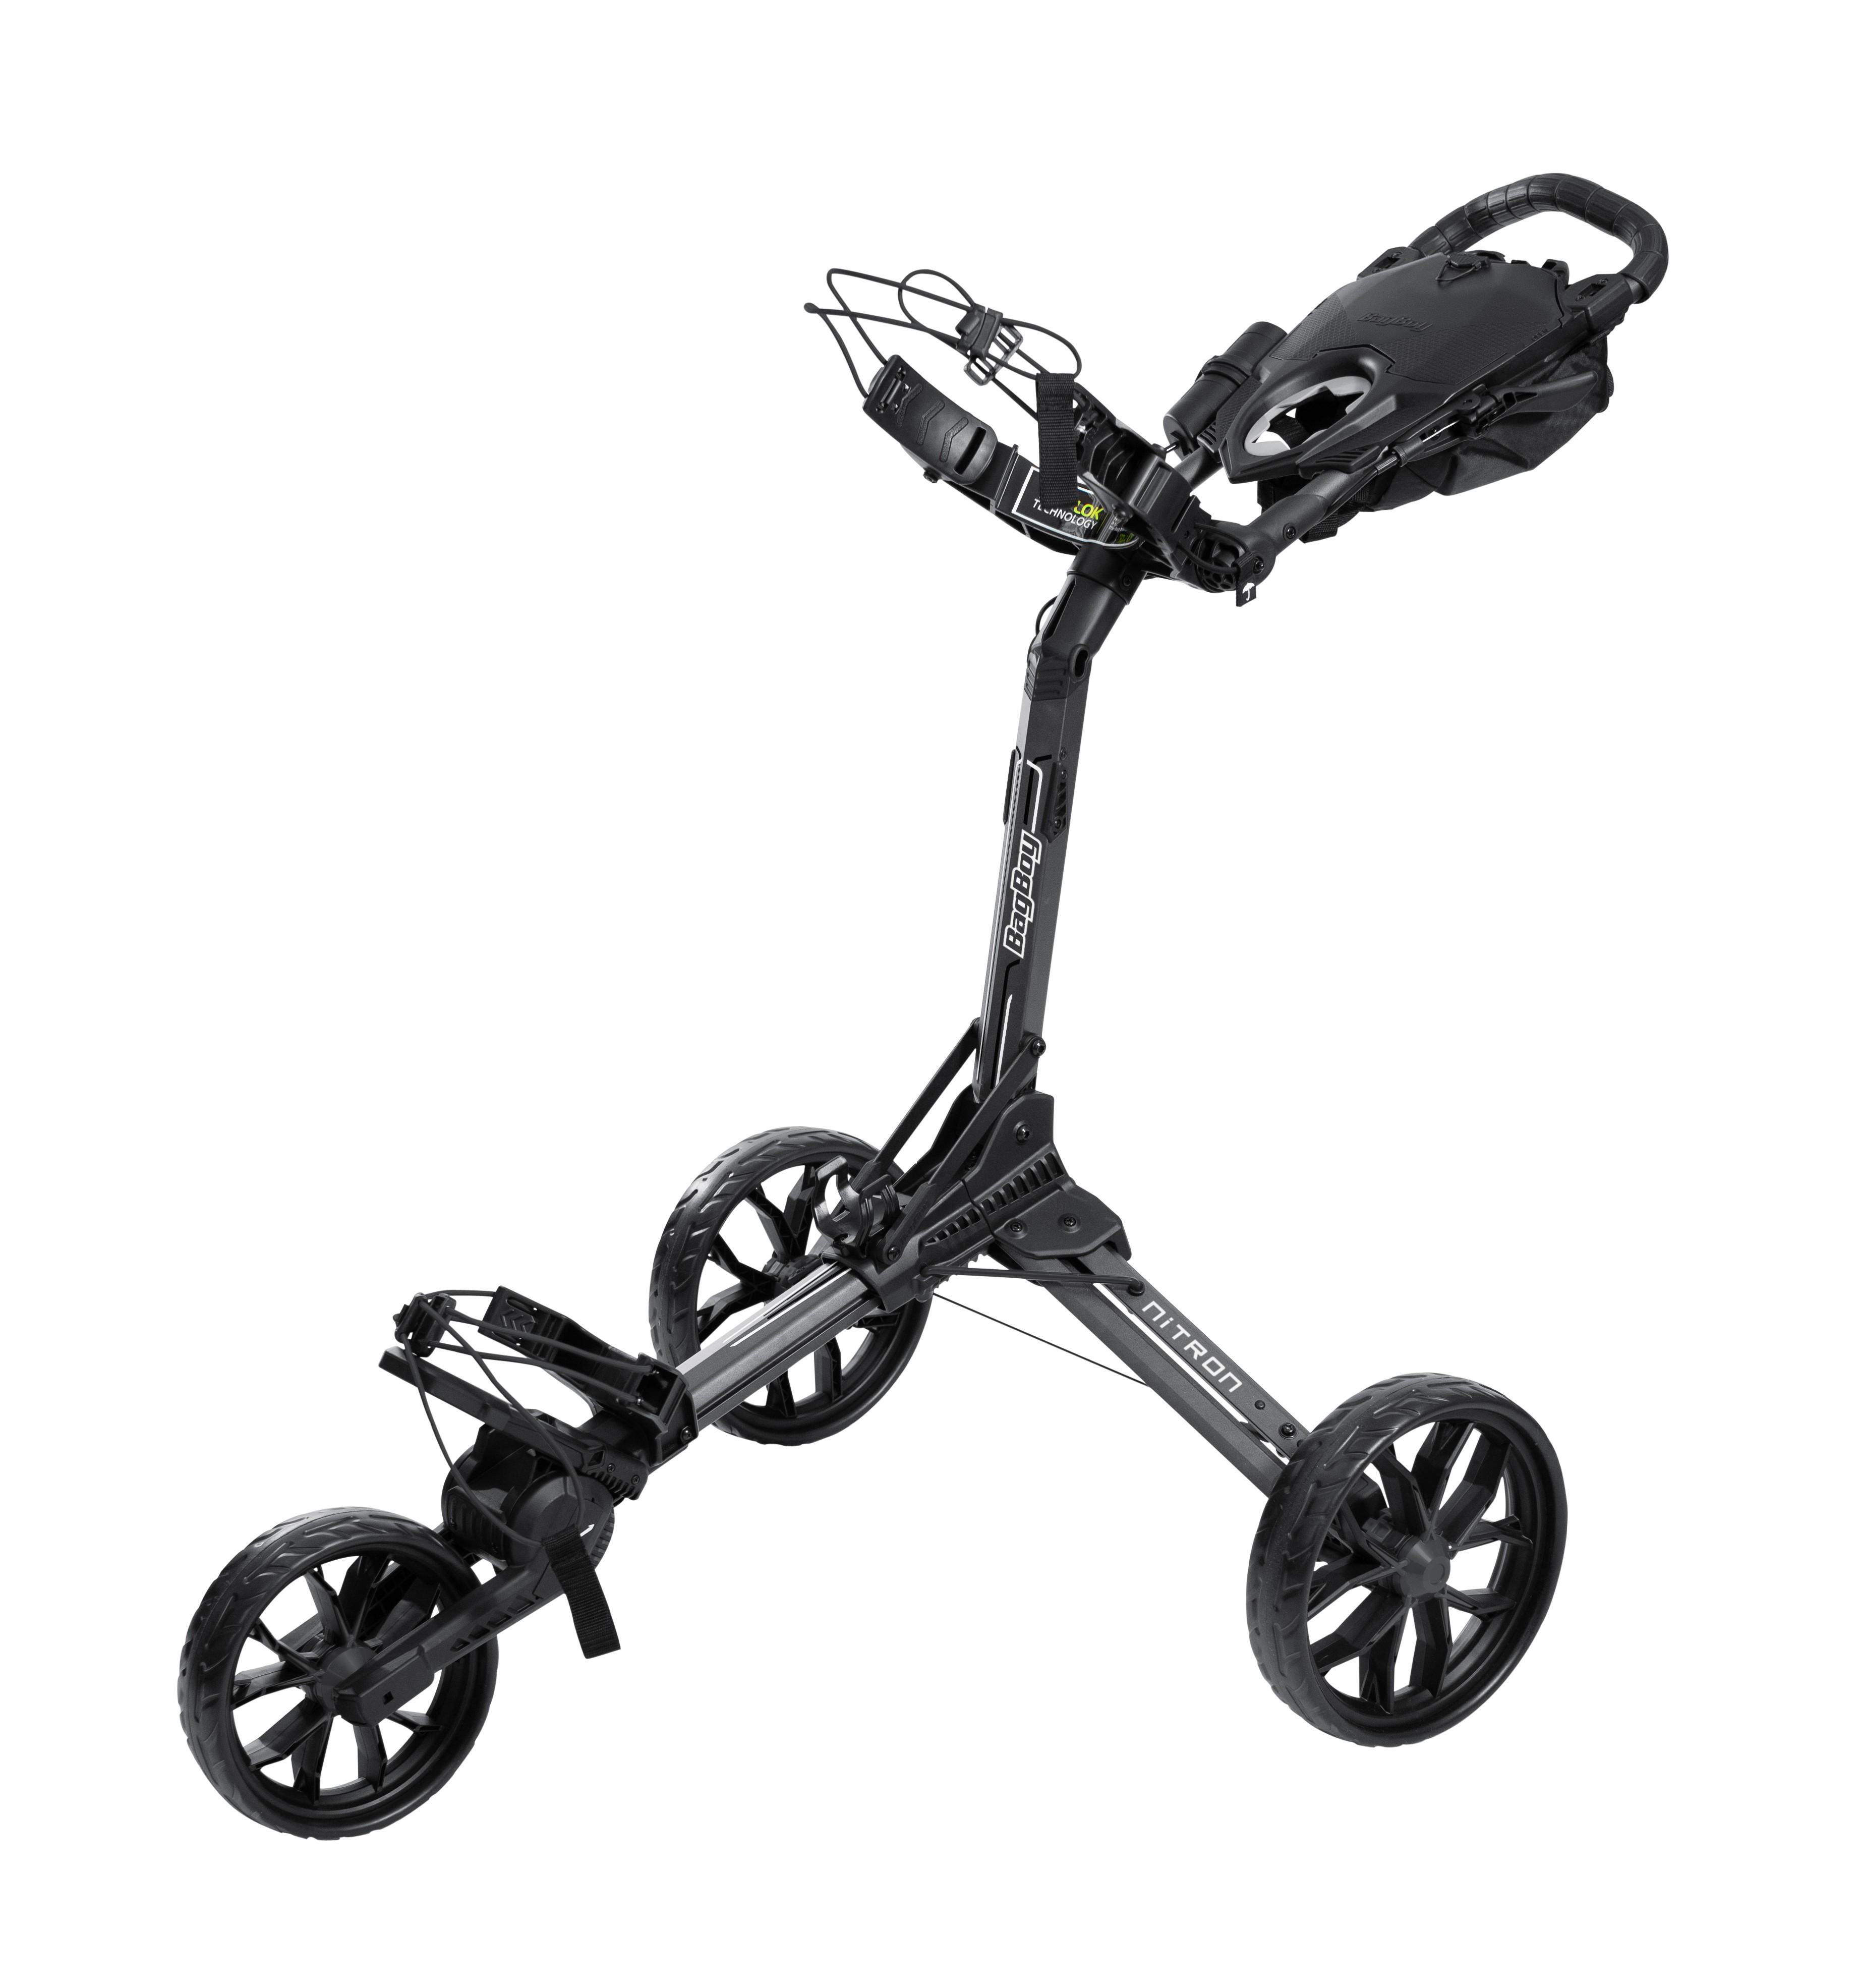 BagBoy Nitron Golf Trolley – Graphite